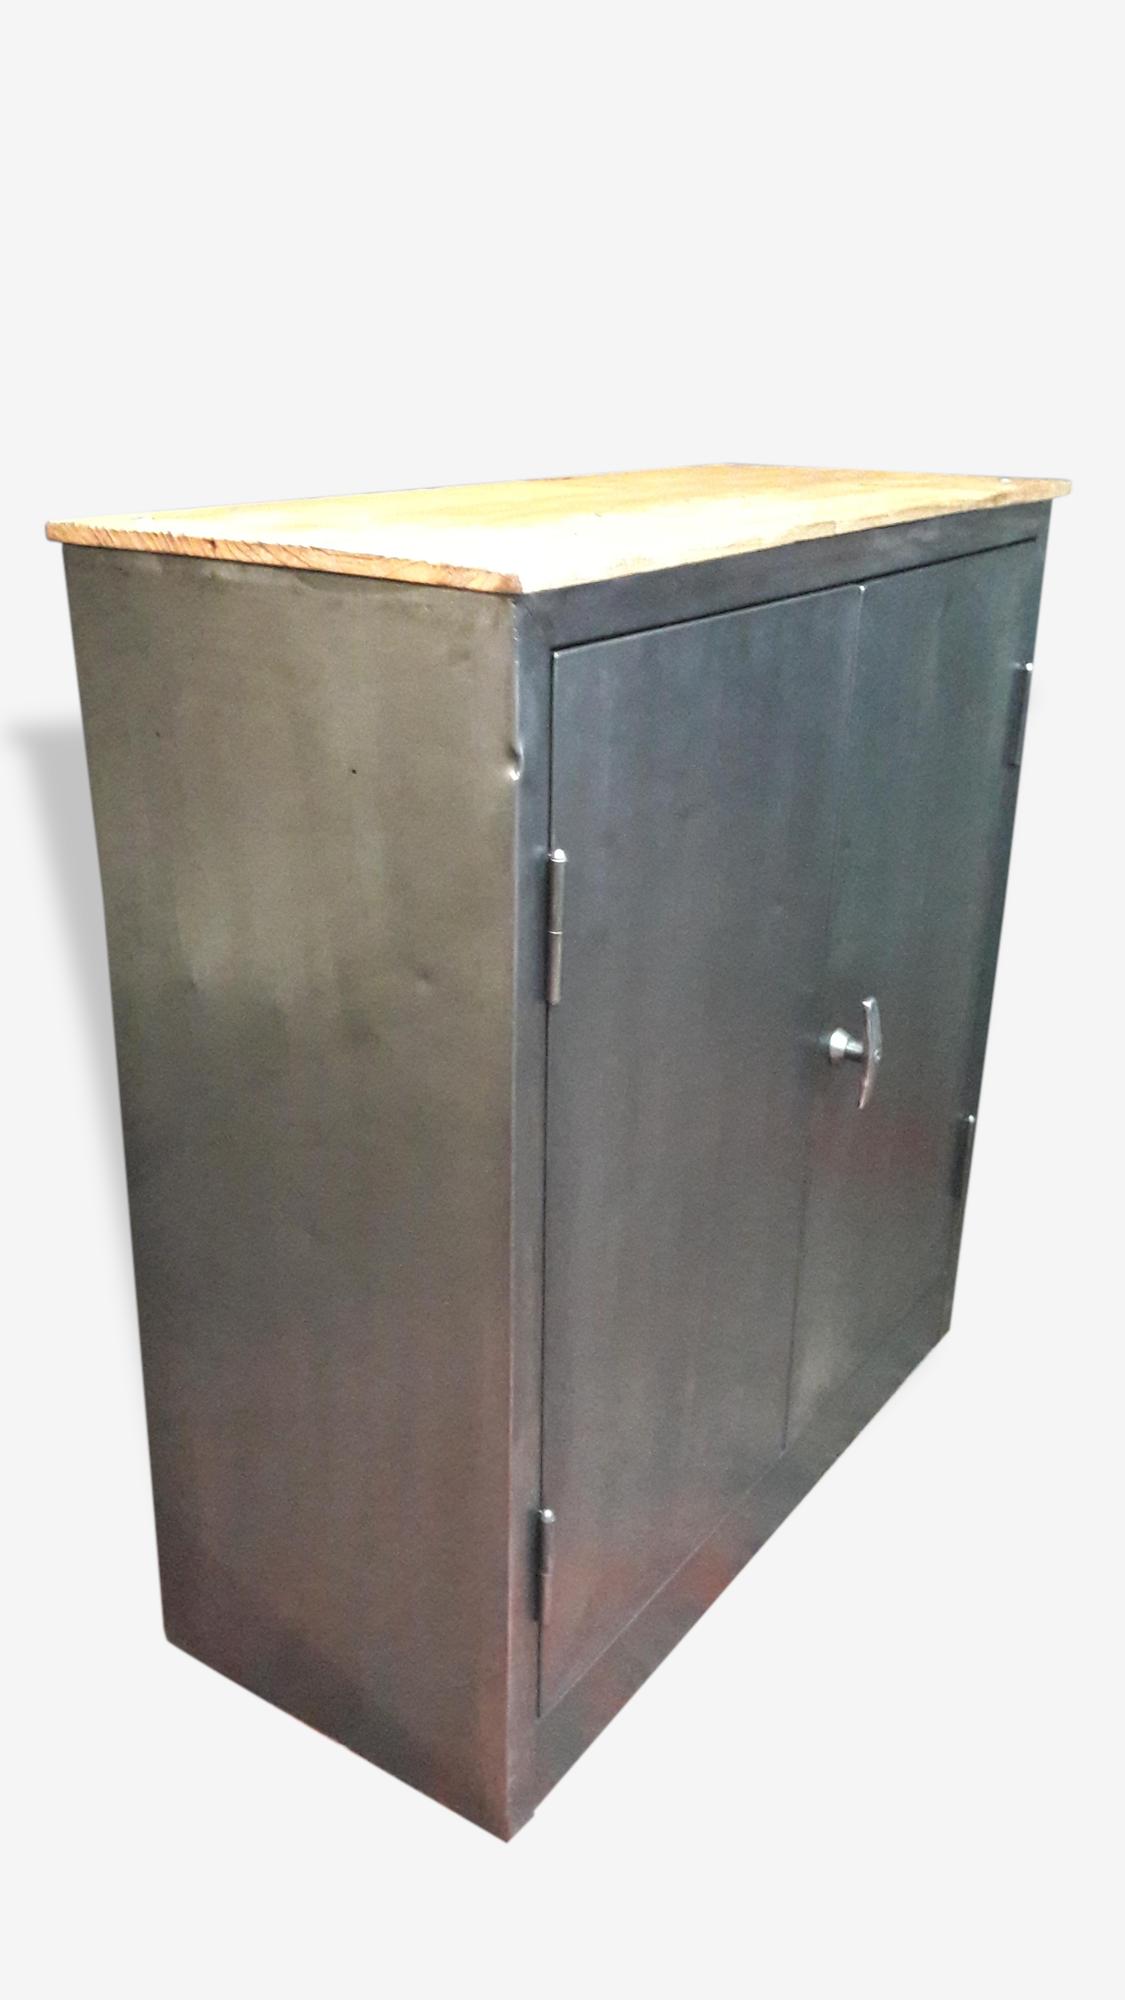 Meuble d'atelier 2 portes metallique industriel vintage metal